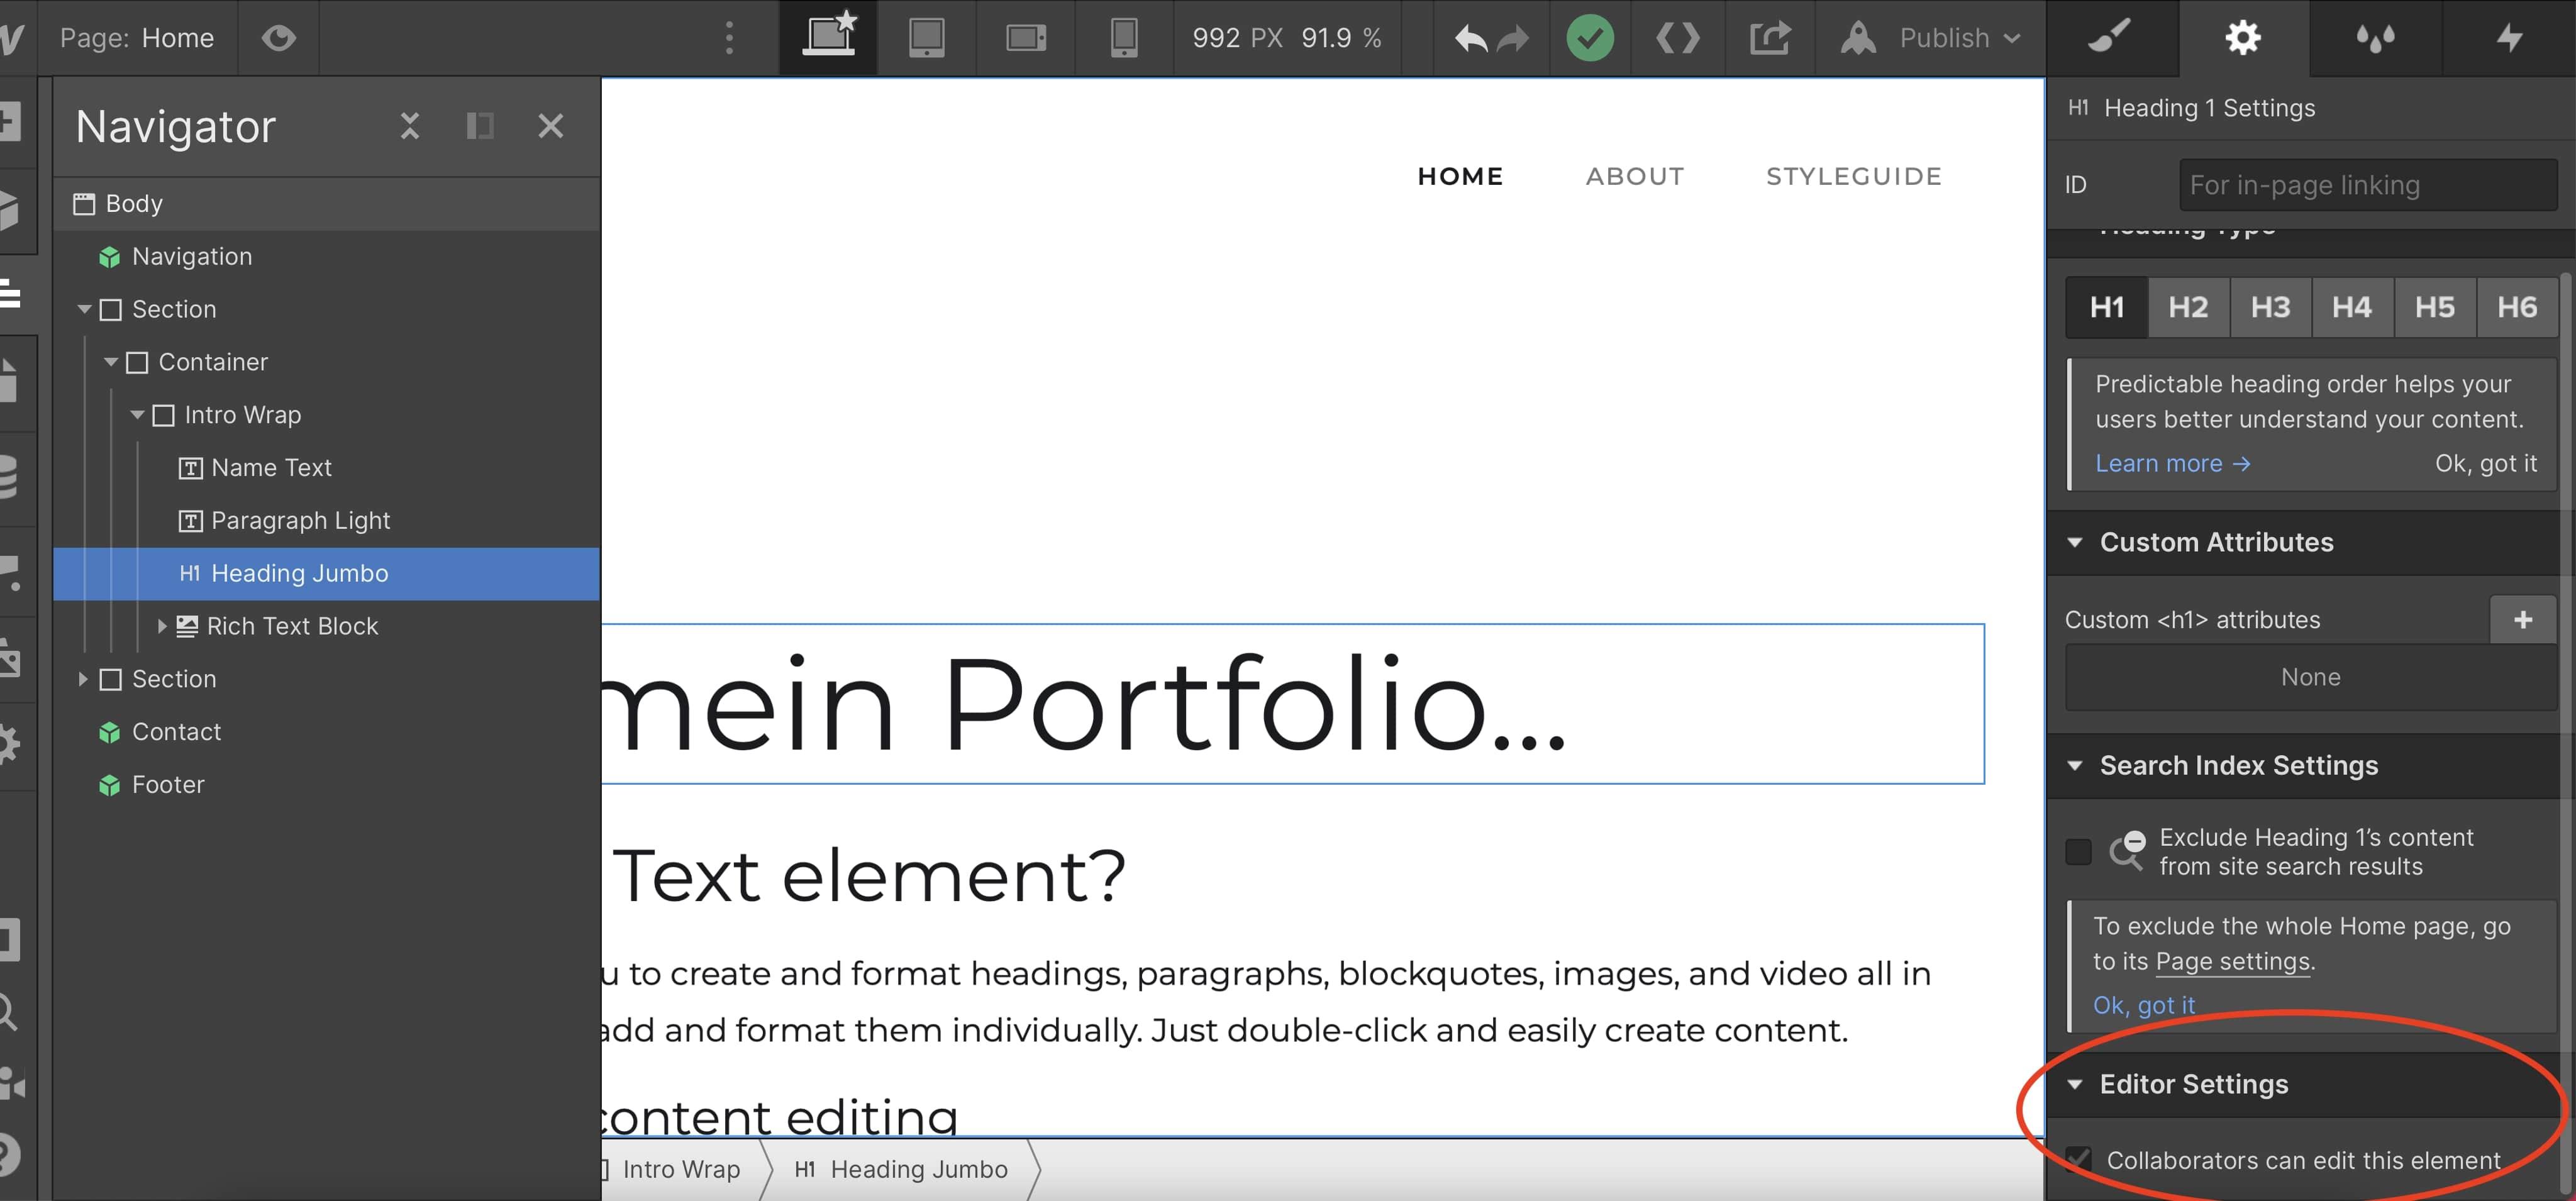 Festlegen, welche Elemente der Kunden im Webflow Editor nicht bearbeiten darf